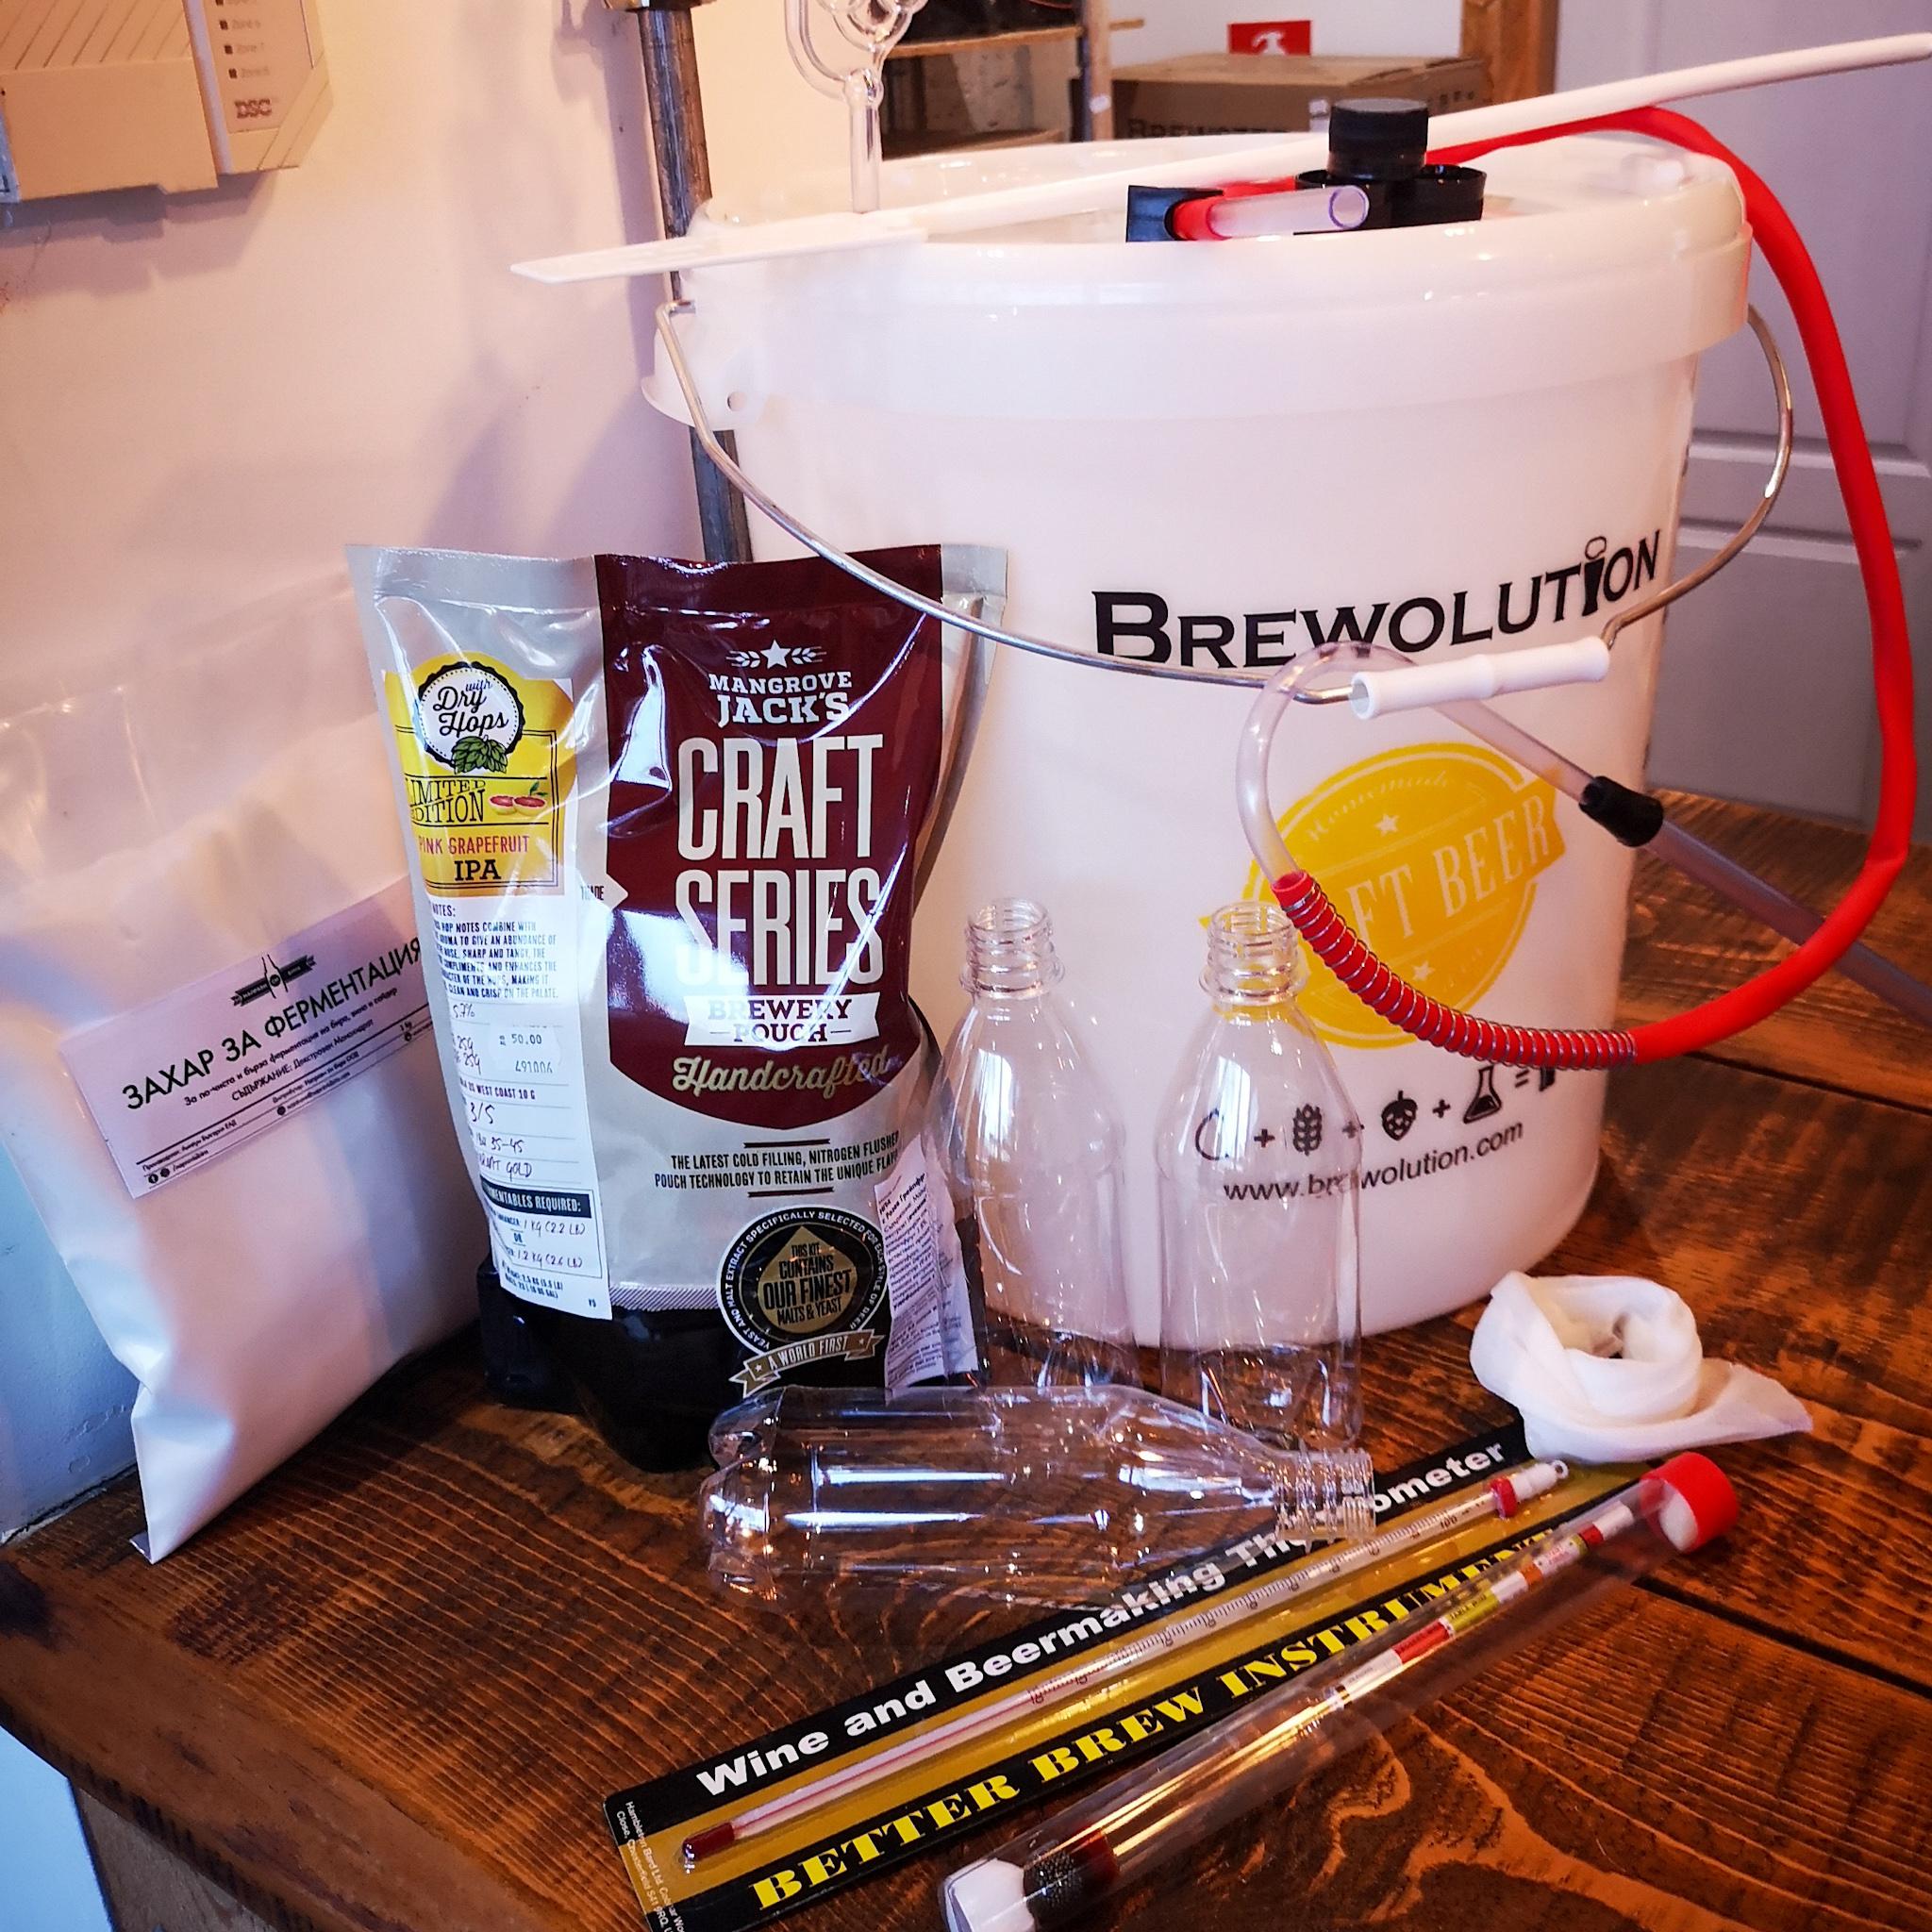 Стартър кит за домашна бира от малцов екстракт, влез в света на крафт бирата с този подаръчен сет – магазин за домашния пивовар, Направи си бира ООД